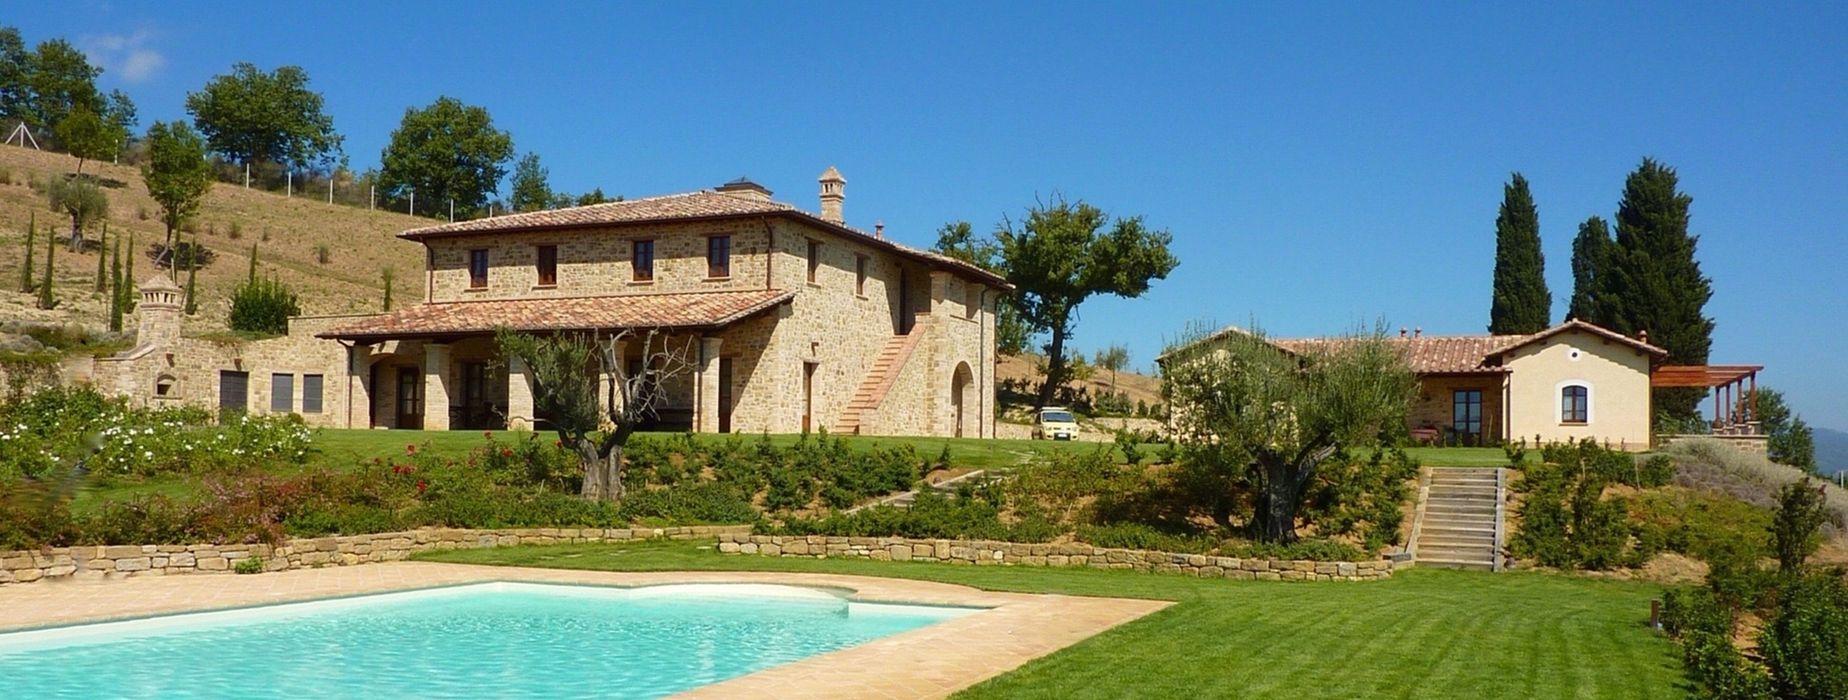 Villa a Poggio Pelliccione (PG) Studio Zaroli Casa rurale